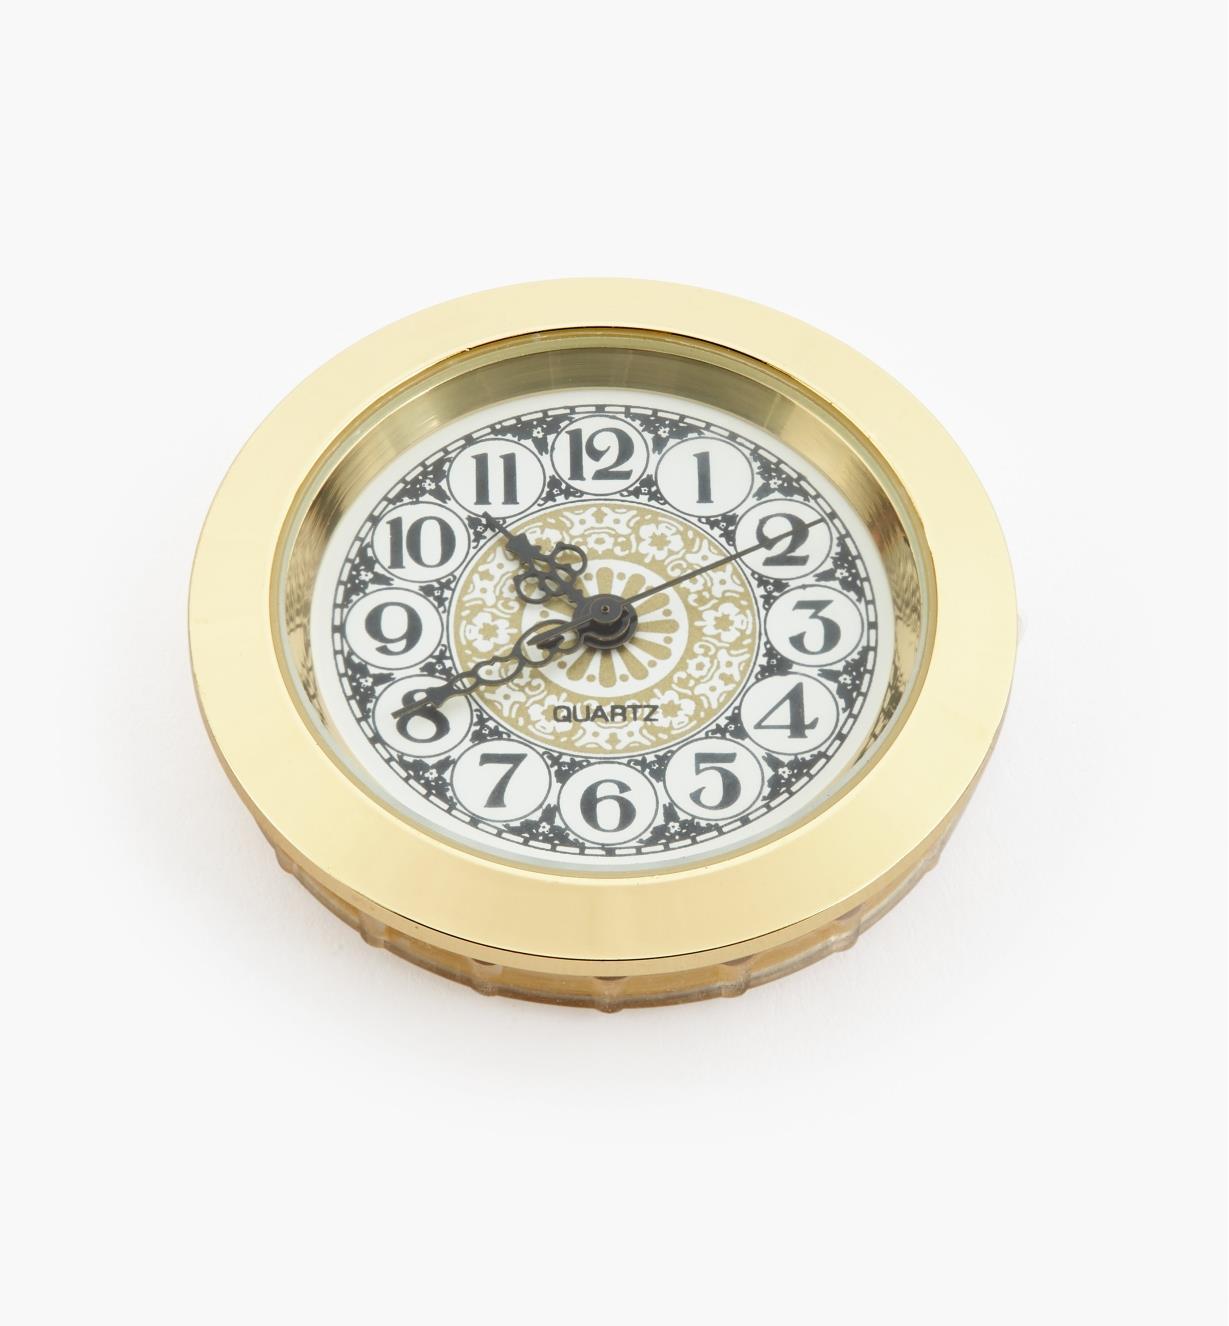 44K0156 - Horloge, cadran à motifs à chiffres arabes, lunette or